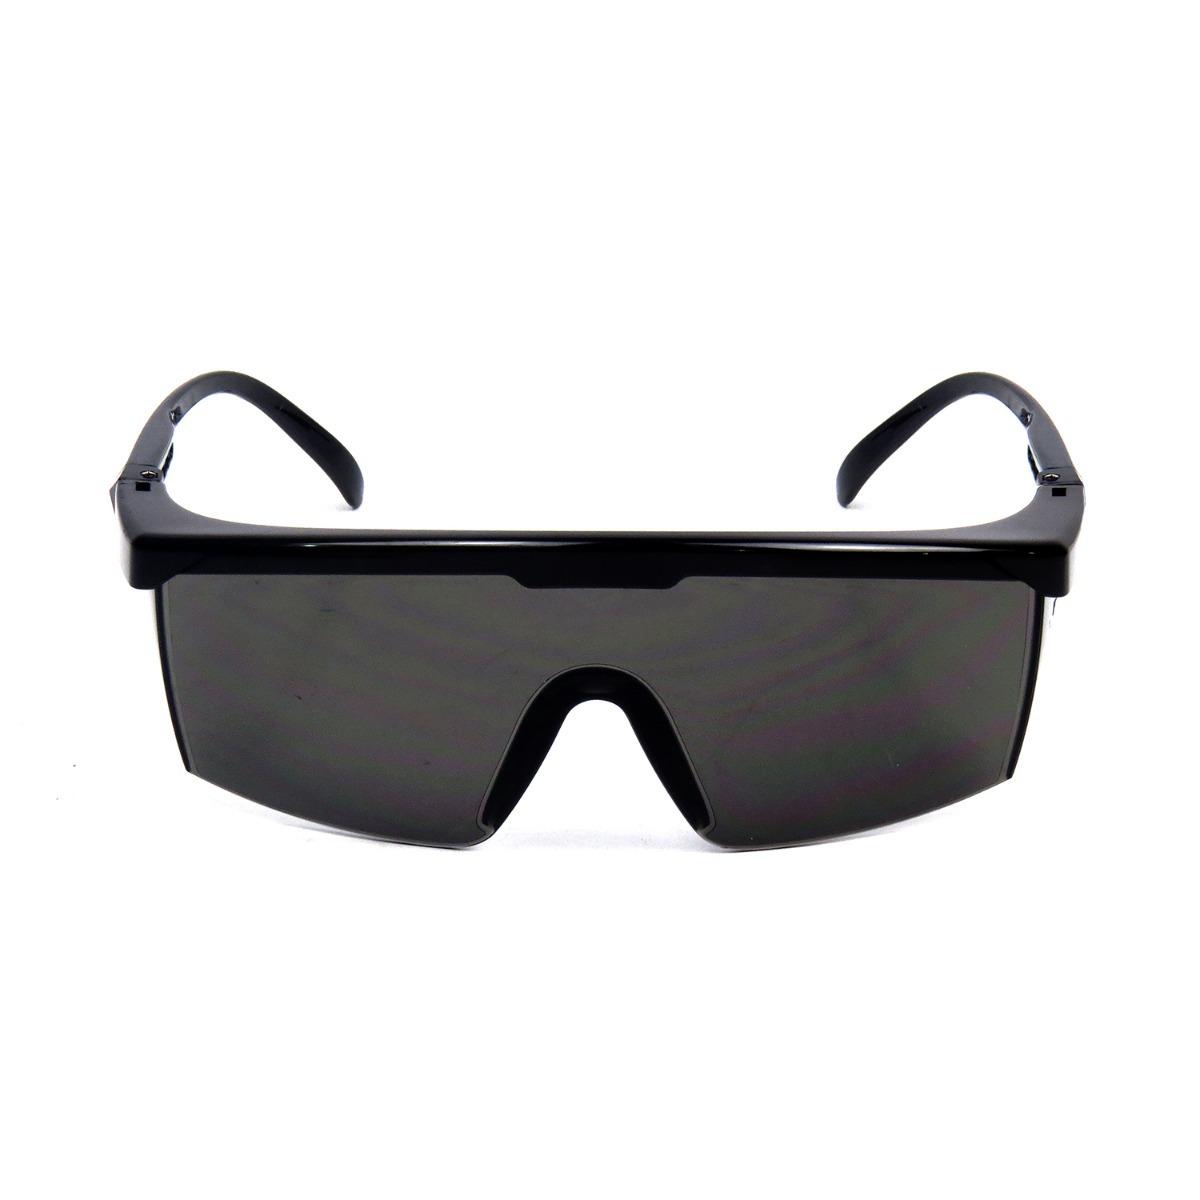 Óculos De Segurança Jaguar Cinza Kalipso - R  15,37 em Mercado Livre bf47340d8f